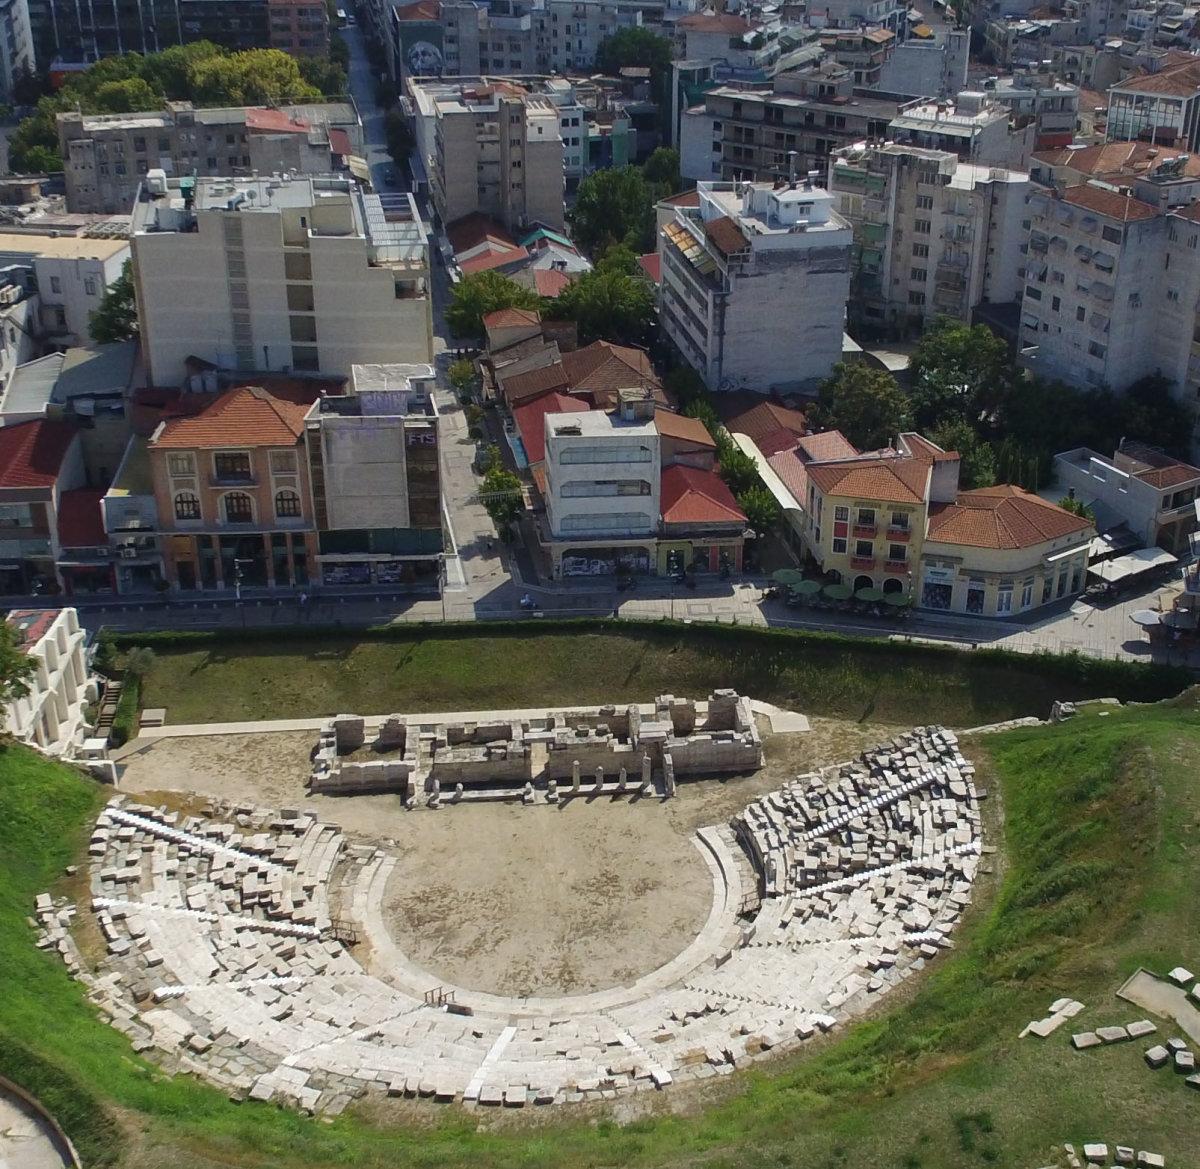 Φρένο βάζει το Διοικητικό Δικαστήριο στην απαλλοτρίωση των κτιρίων μπροστά από το Αρχαίο Θέατρο Λάρισας